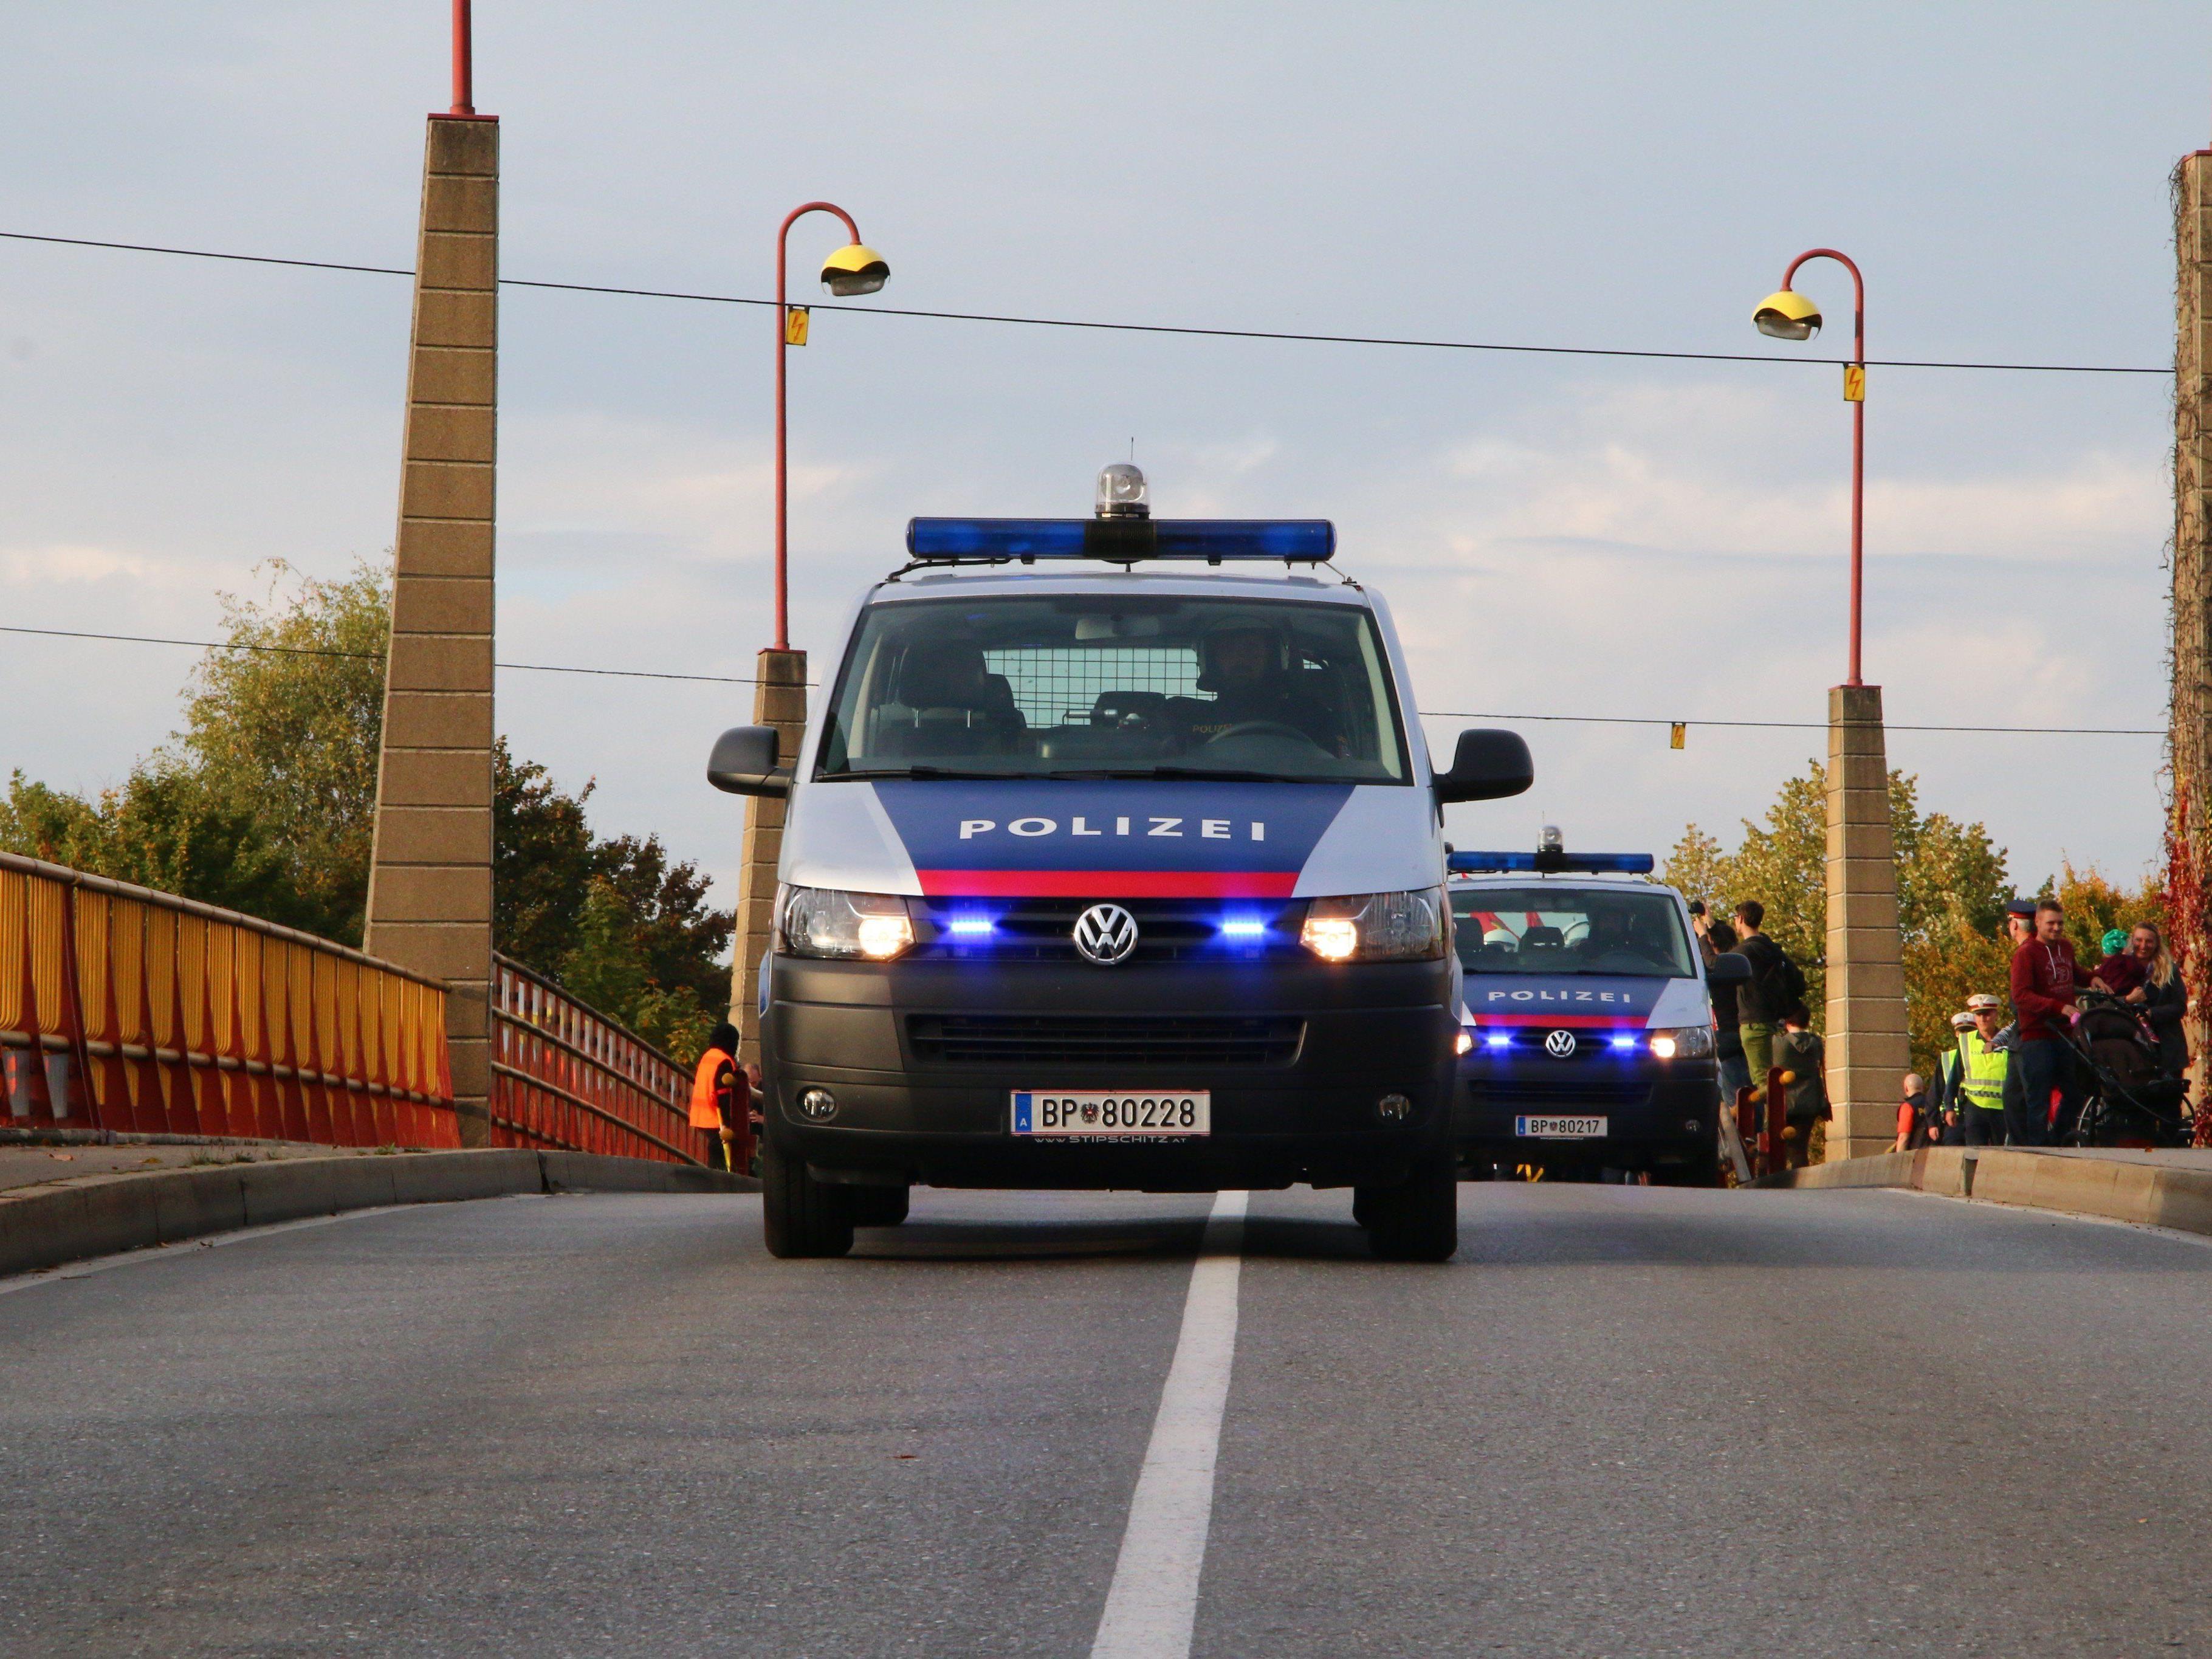 Die Polizei mussten am Donnerstagmorgen für einen Unfall auf der L41 anrücken.